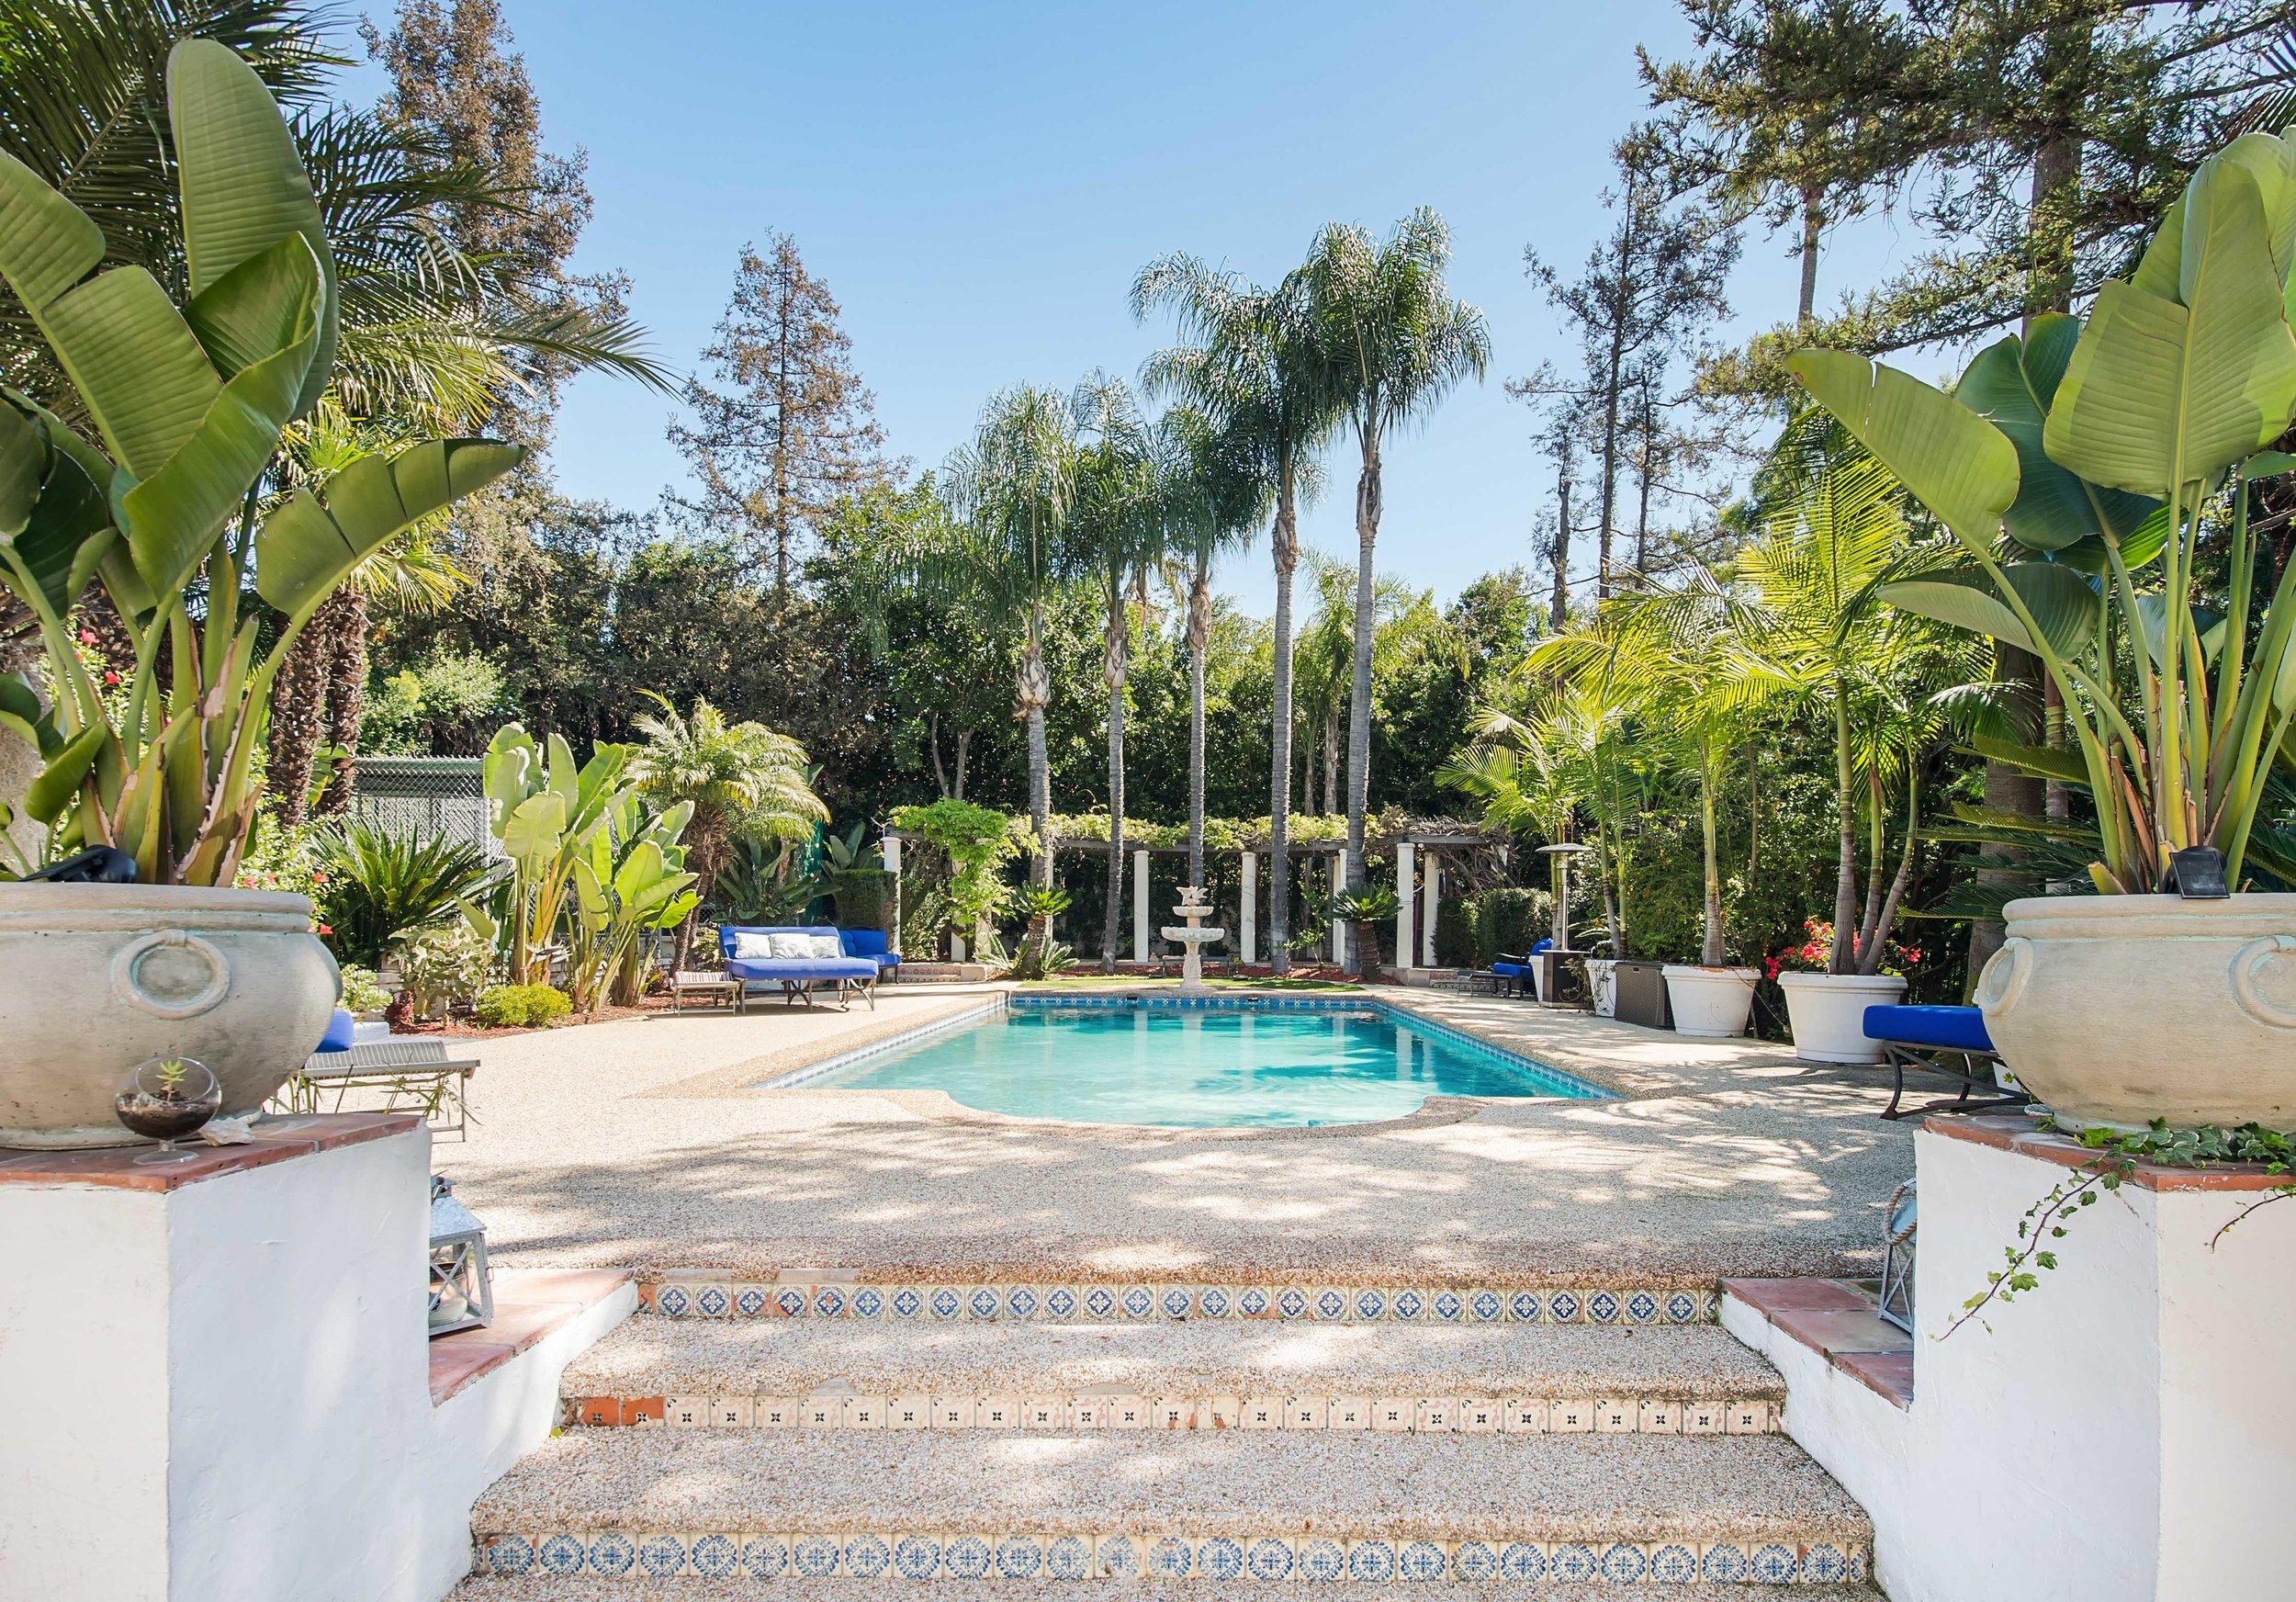 025 Pool 4915 Los Feliz For Sale Los Angeles Lease The Malibu Life Team Luxury Real Estate.jpg